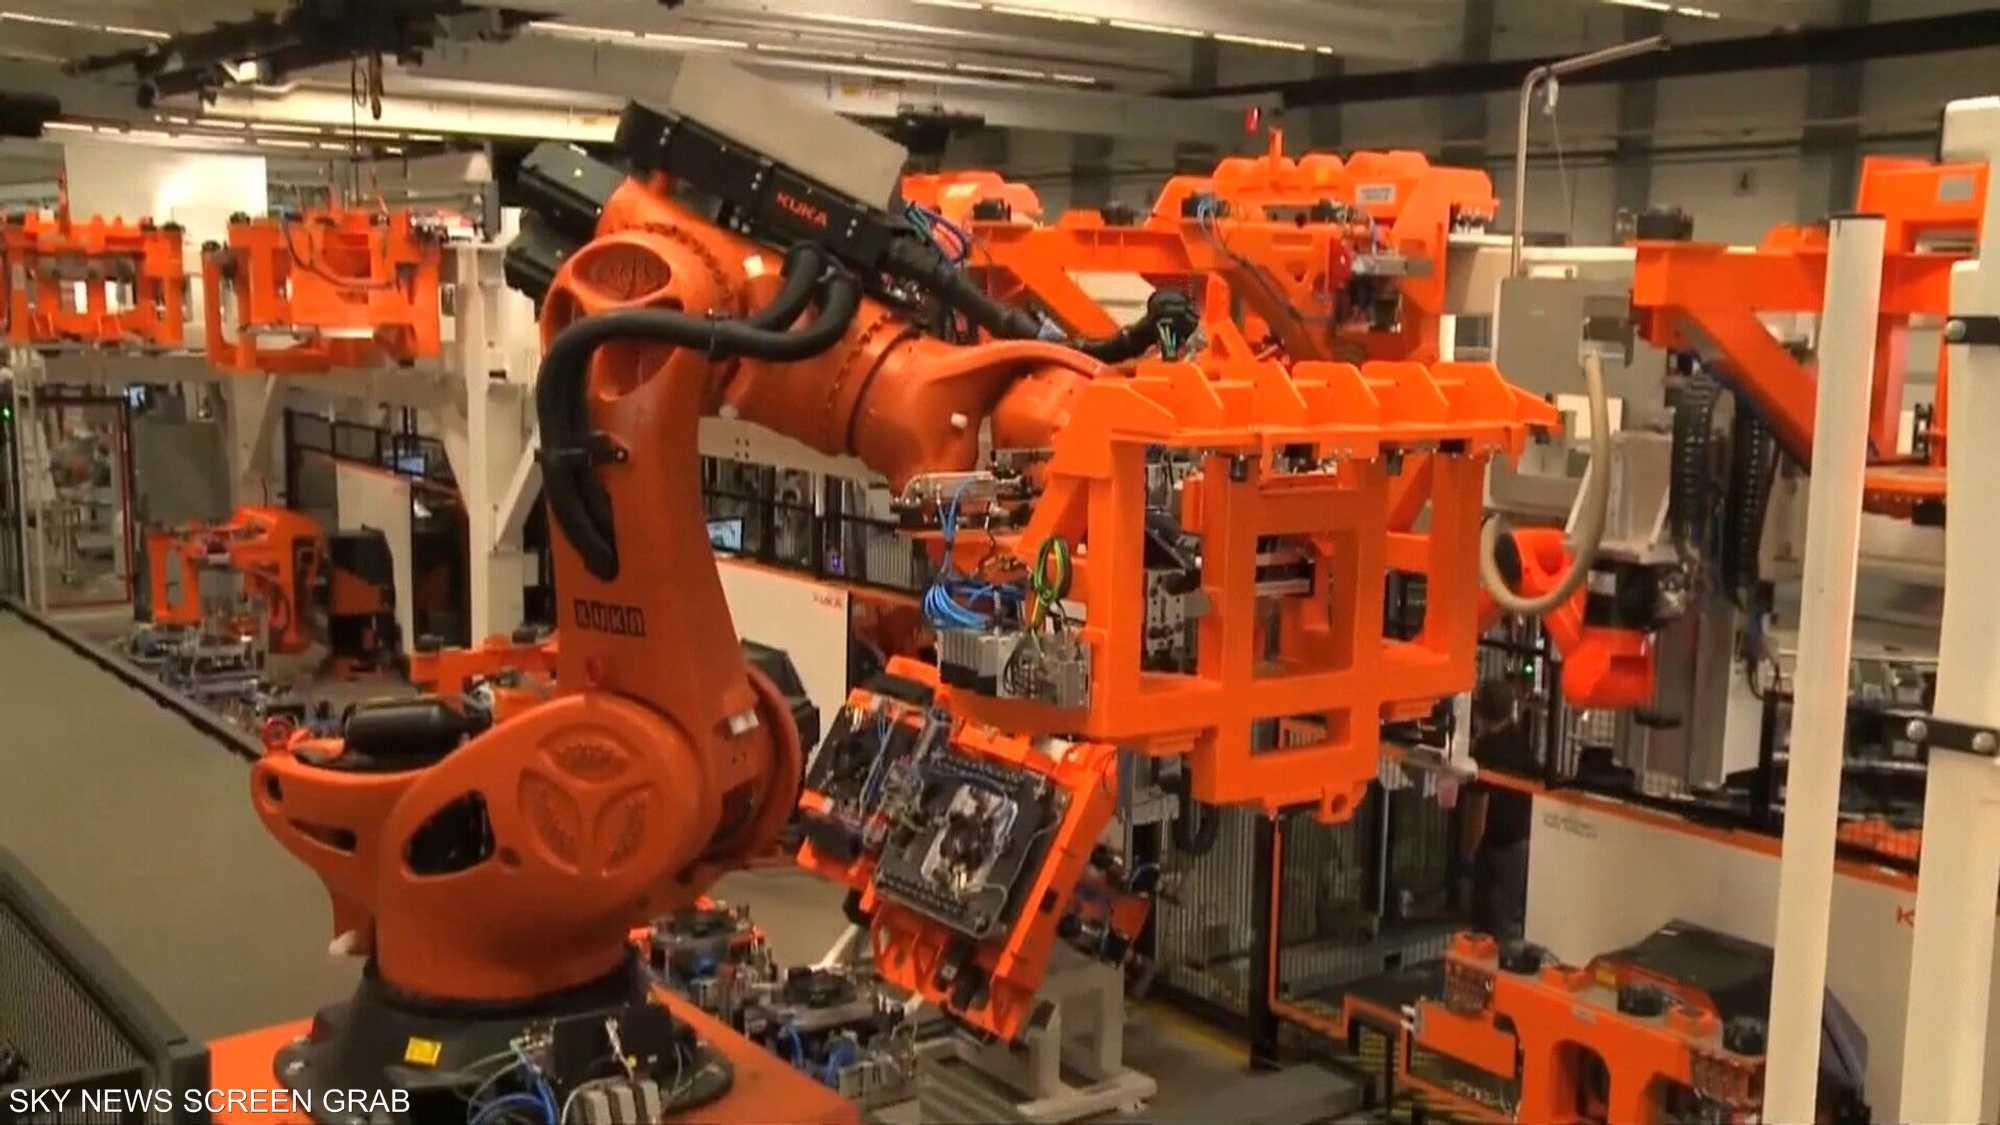 الروبوتات والأتمتة توفر فرصا للتخلص من المهام الشاقة